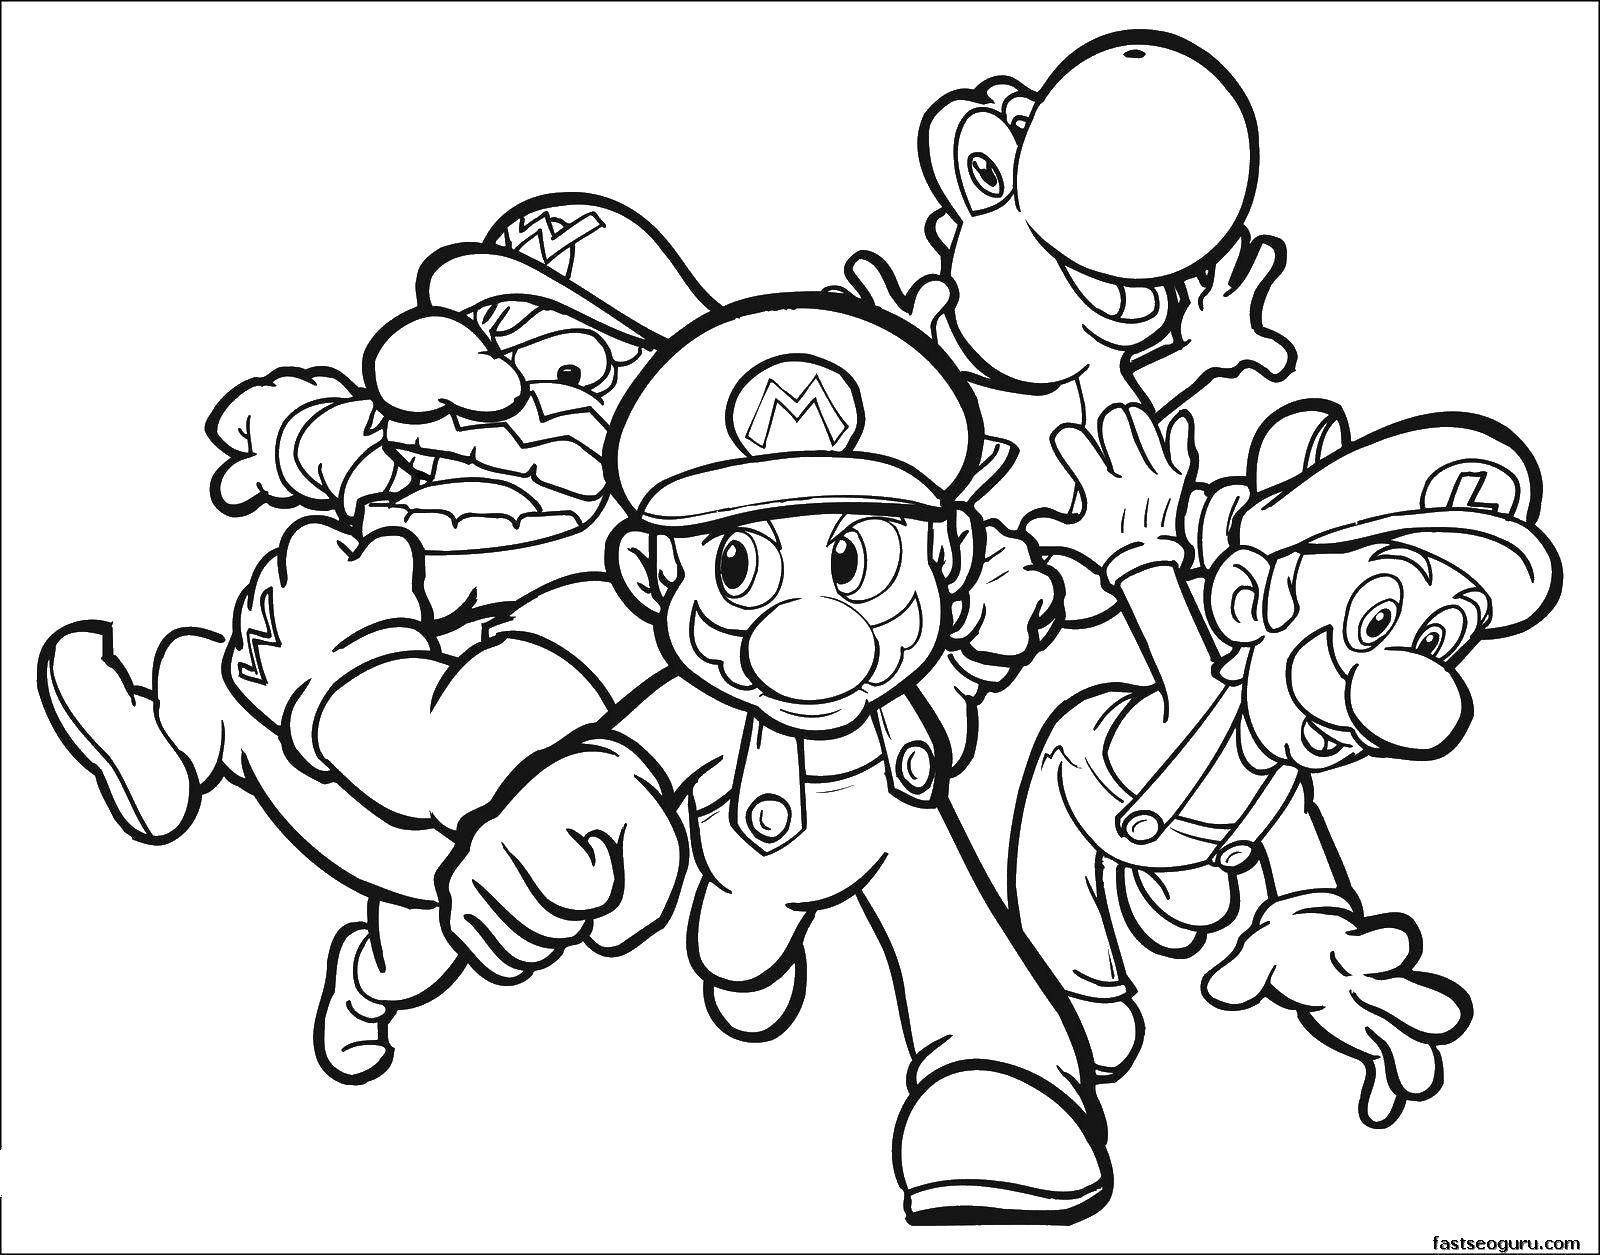 Раскраска Супер марио, луиджи и варио Скачать ,Игры, Марио,.  Распечатать